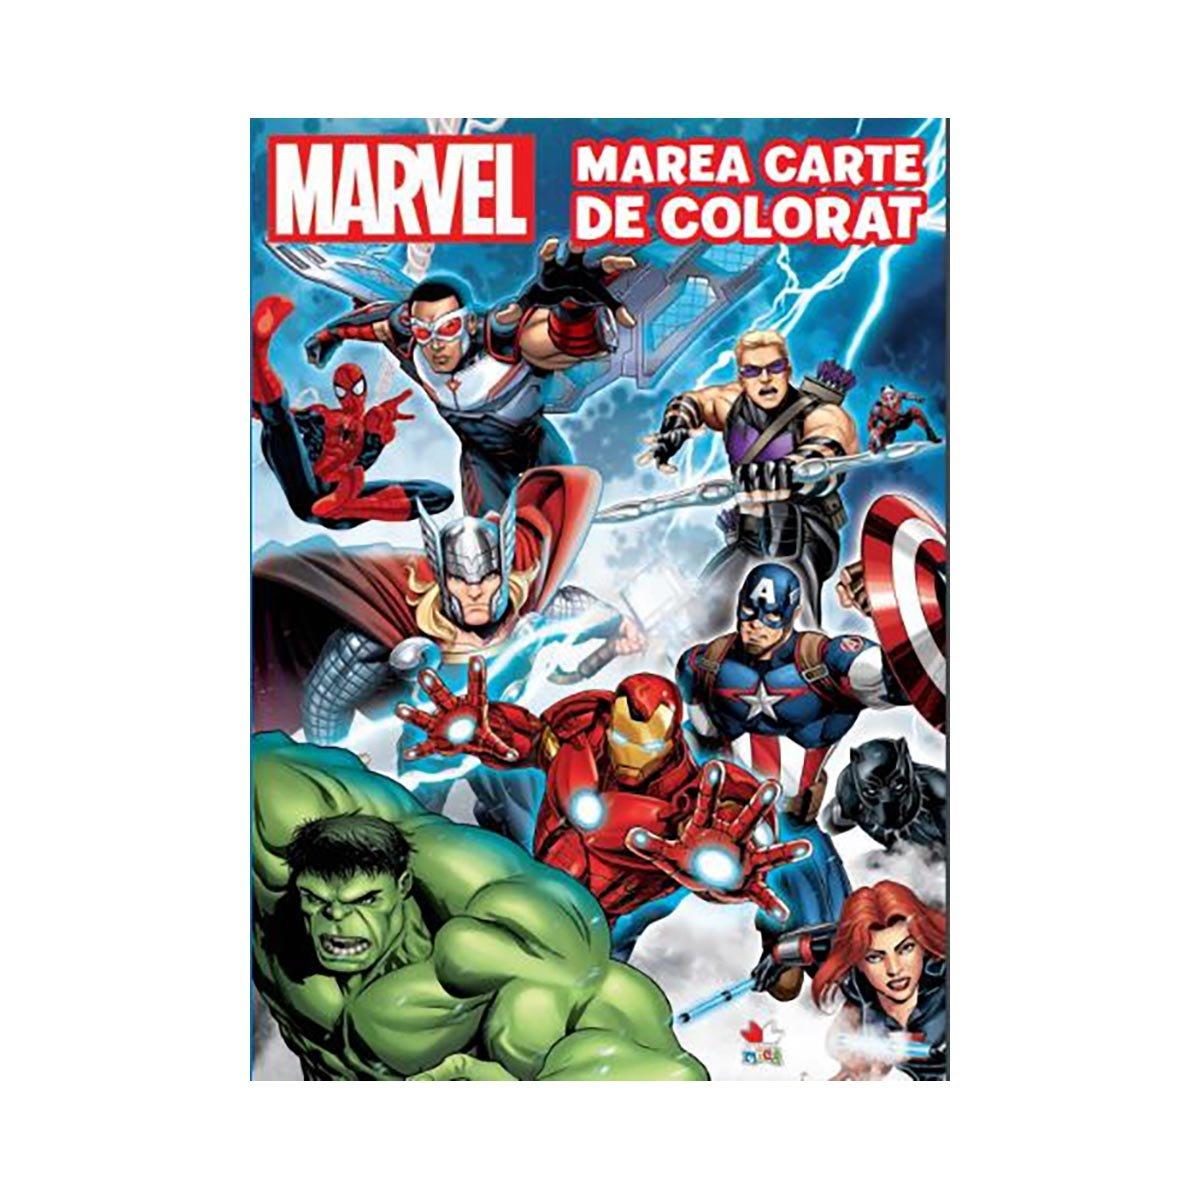 Marea carte de colorat, Marvel